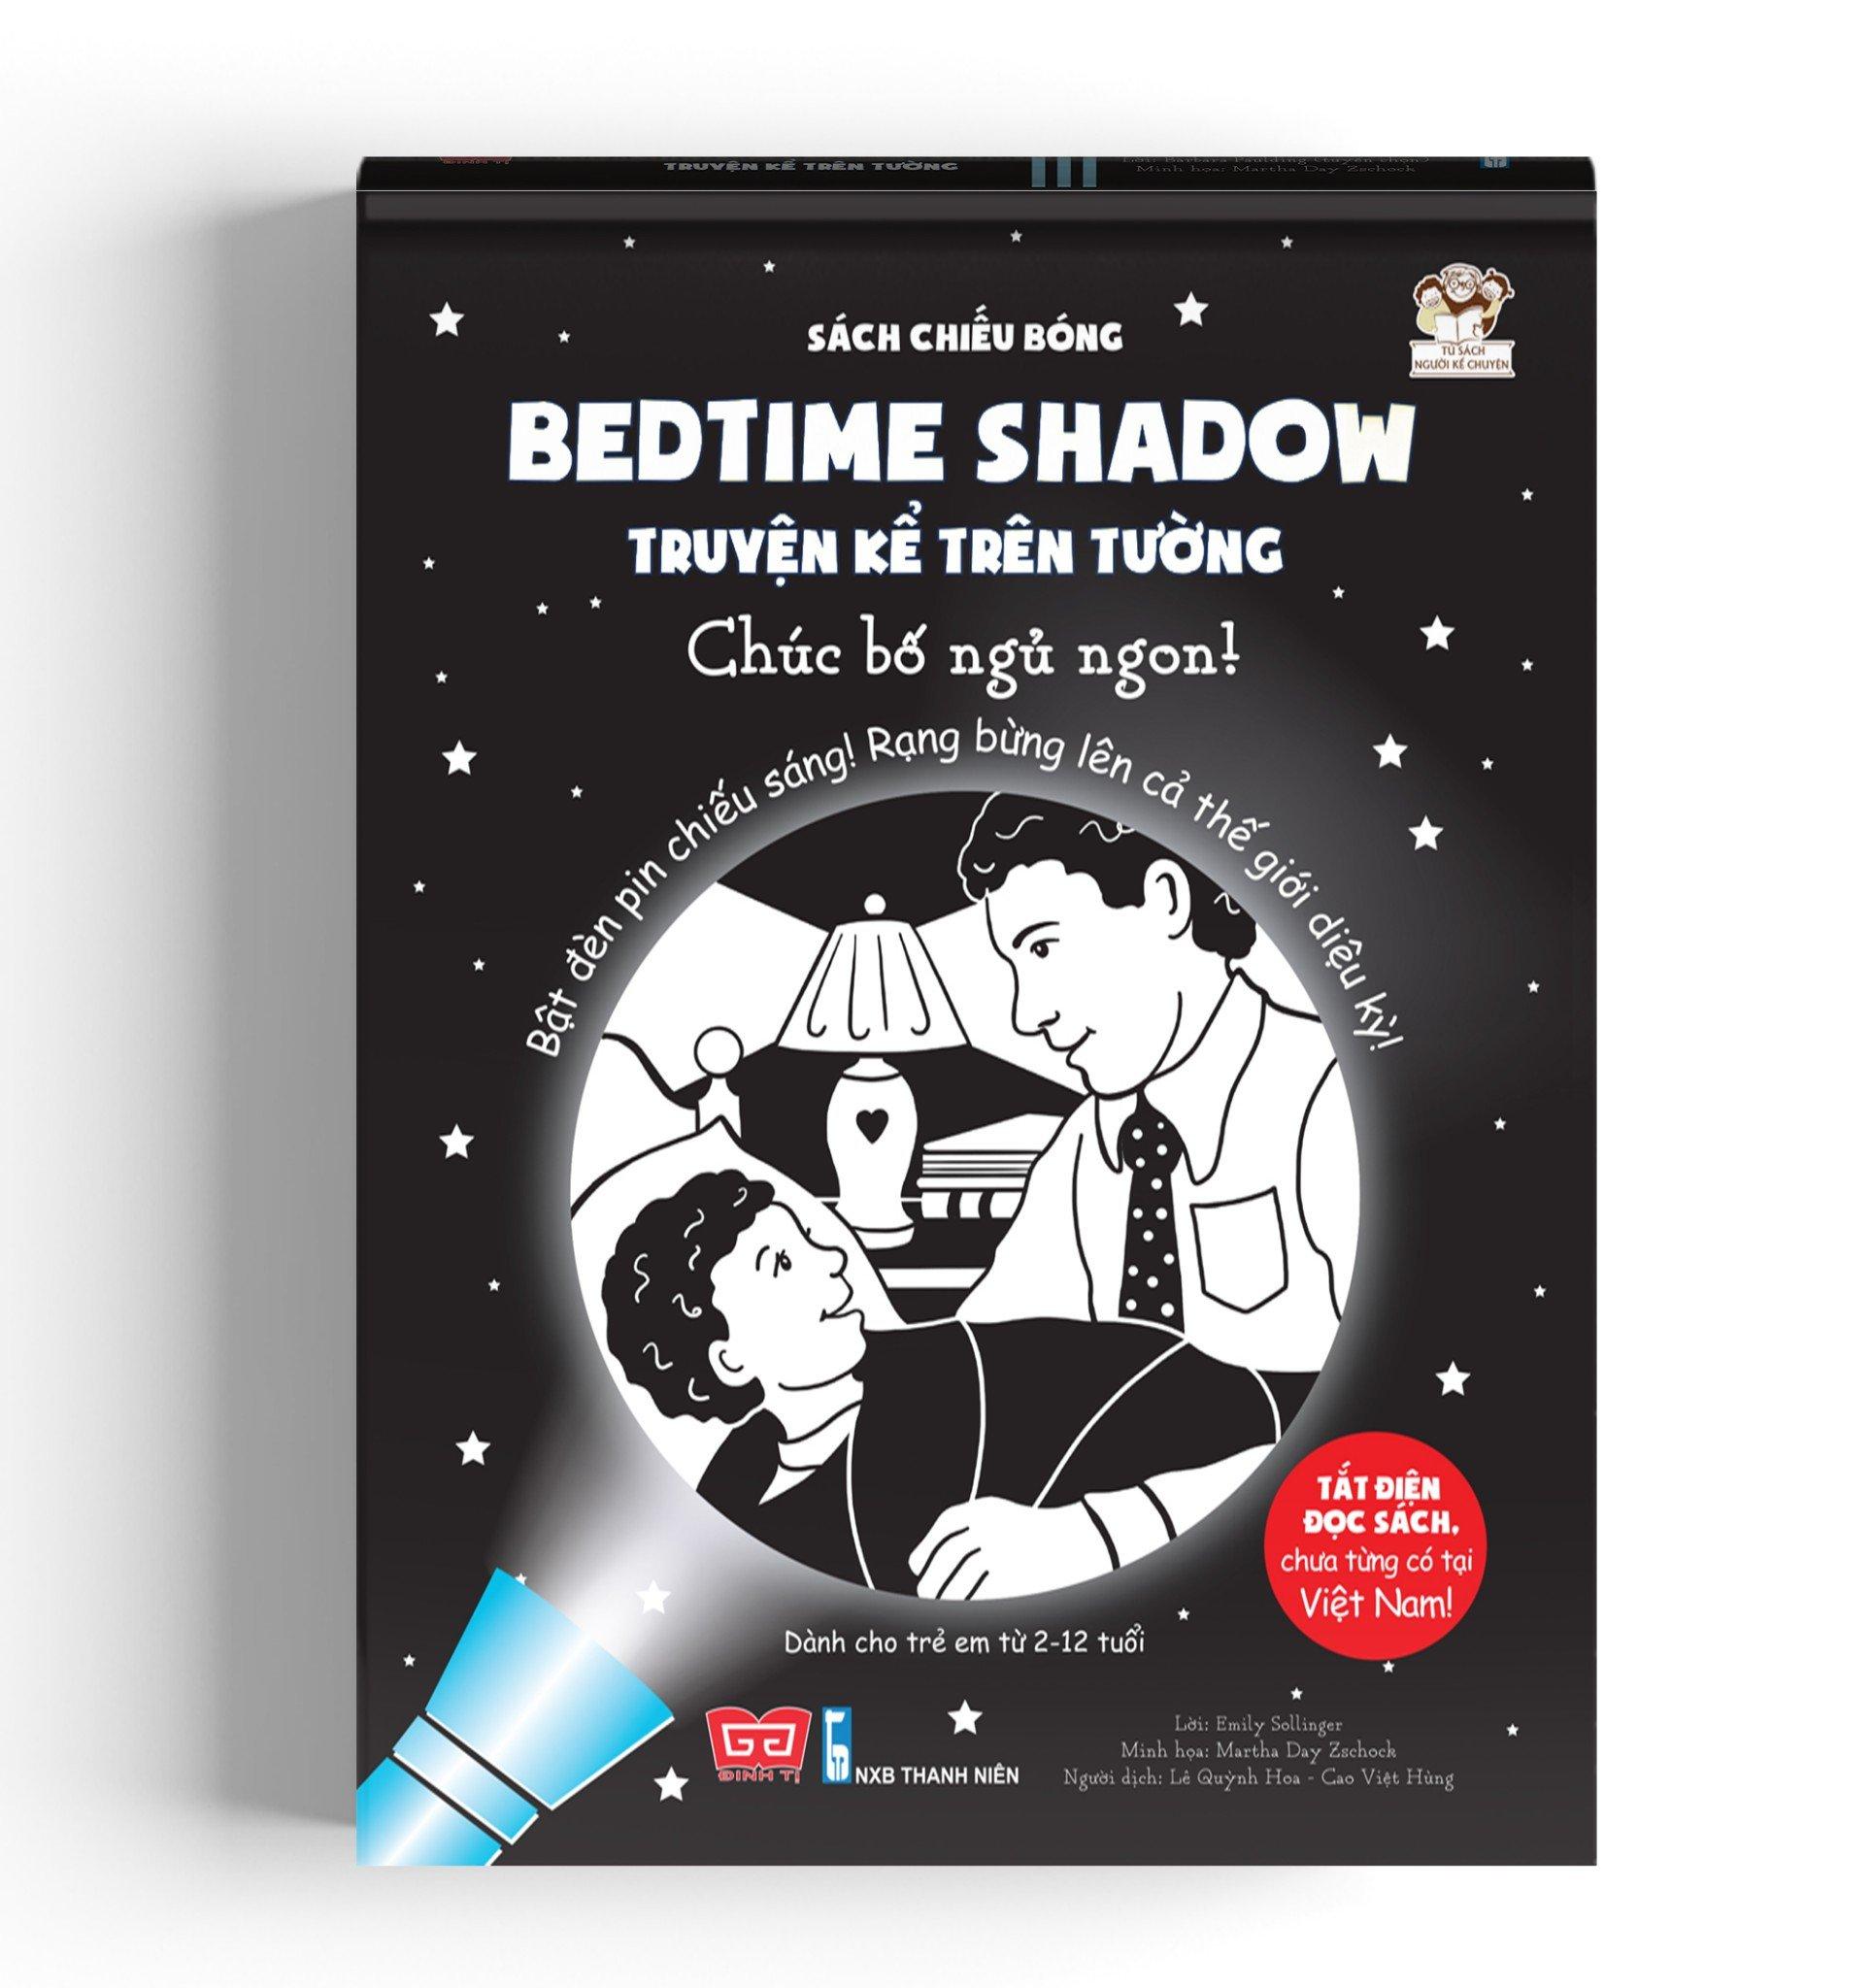 Sách chiếu bóng - Bedtime shadow – Truyện kể trên tường - Chúc bố ngủ ngon!